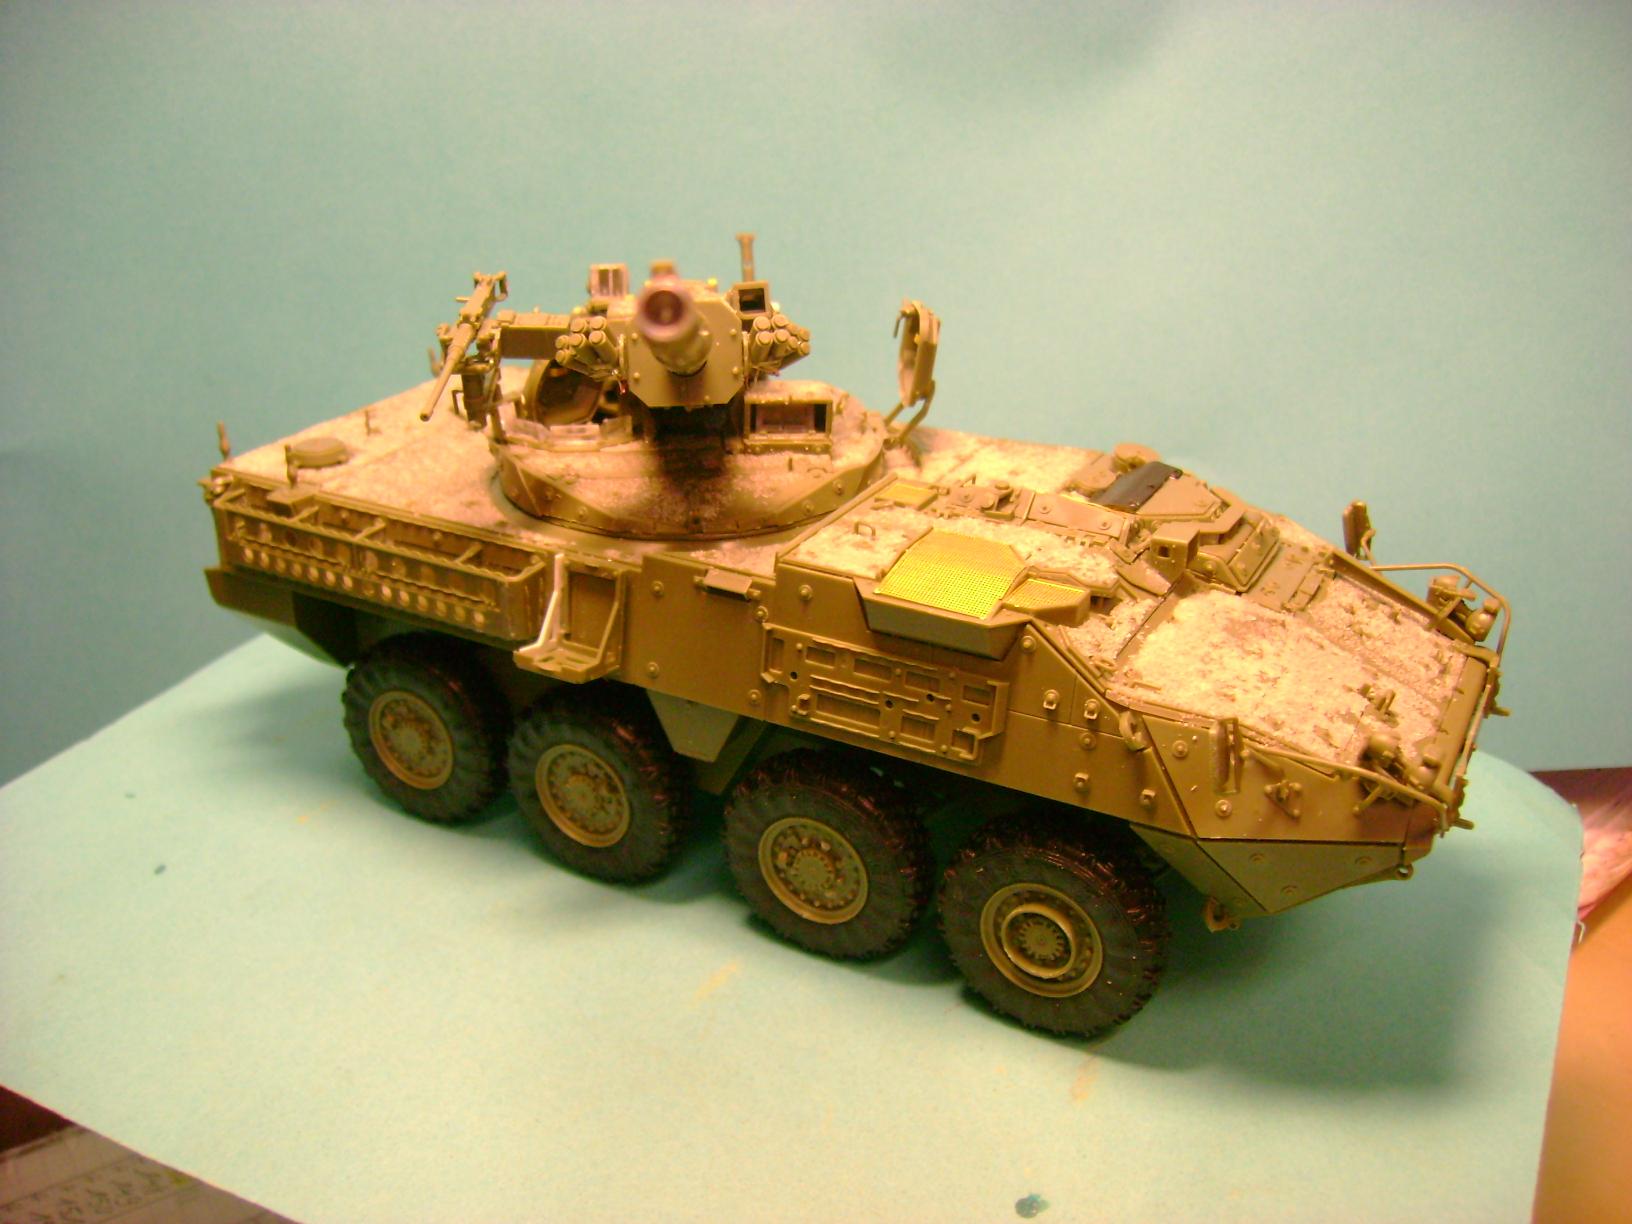 Stryker M1128 MGS Terminé.... - Page 2 Dsc00578j